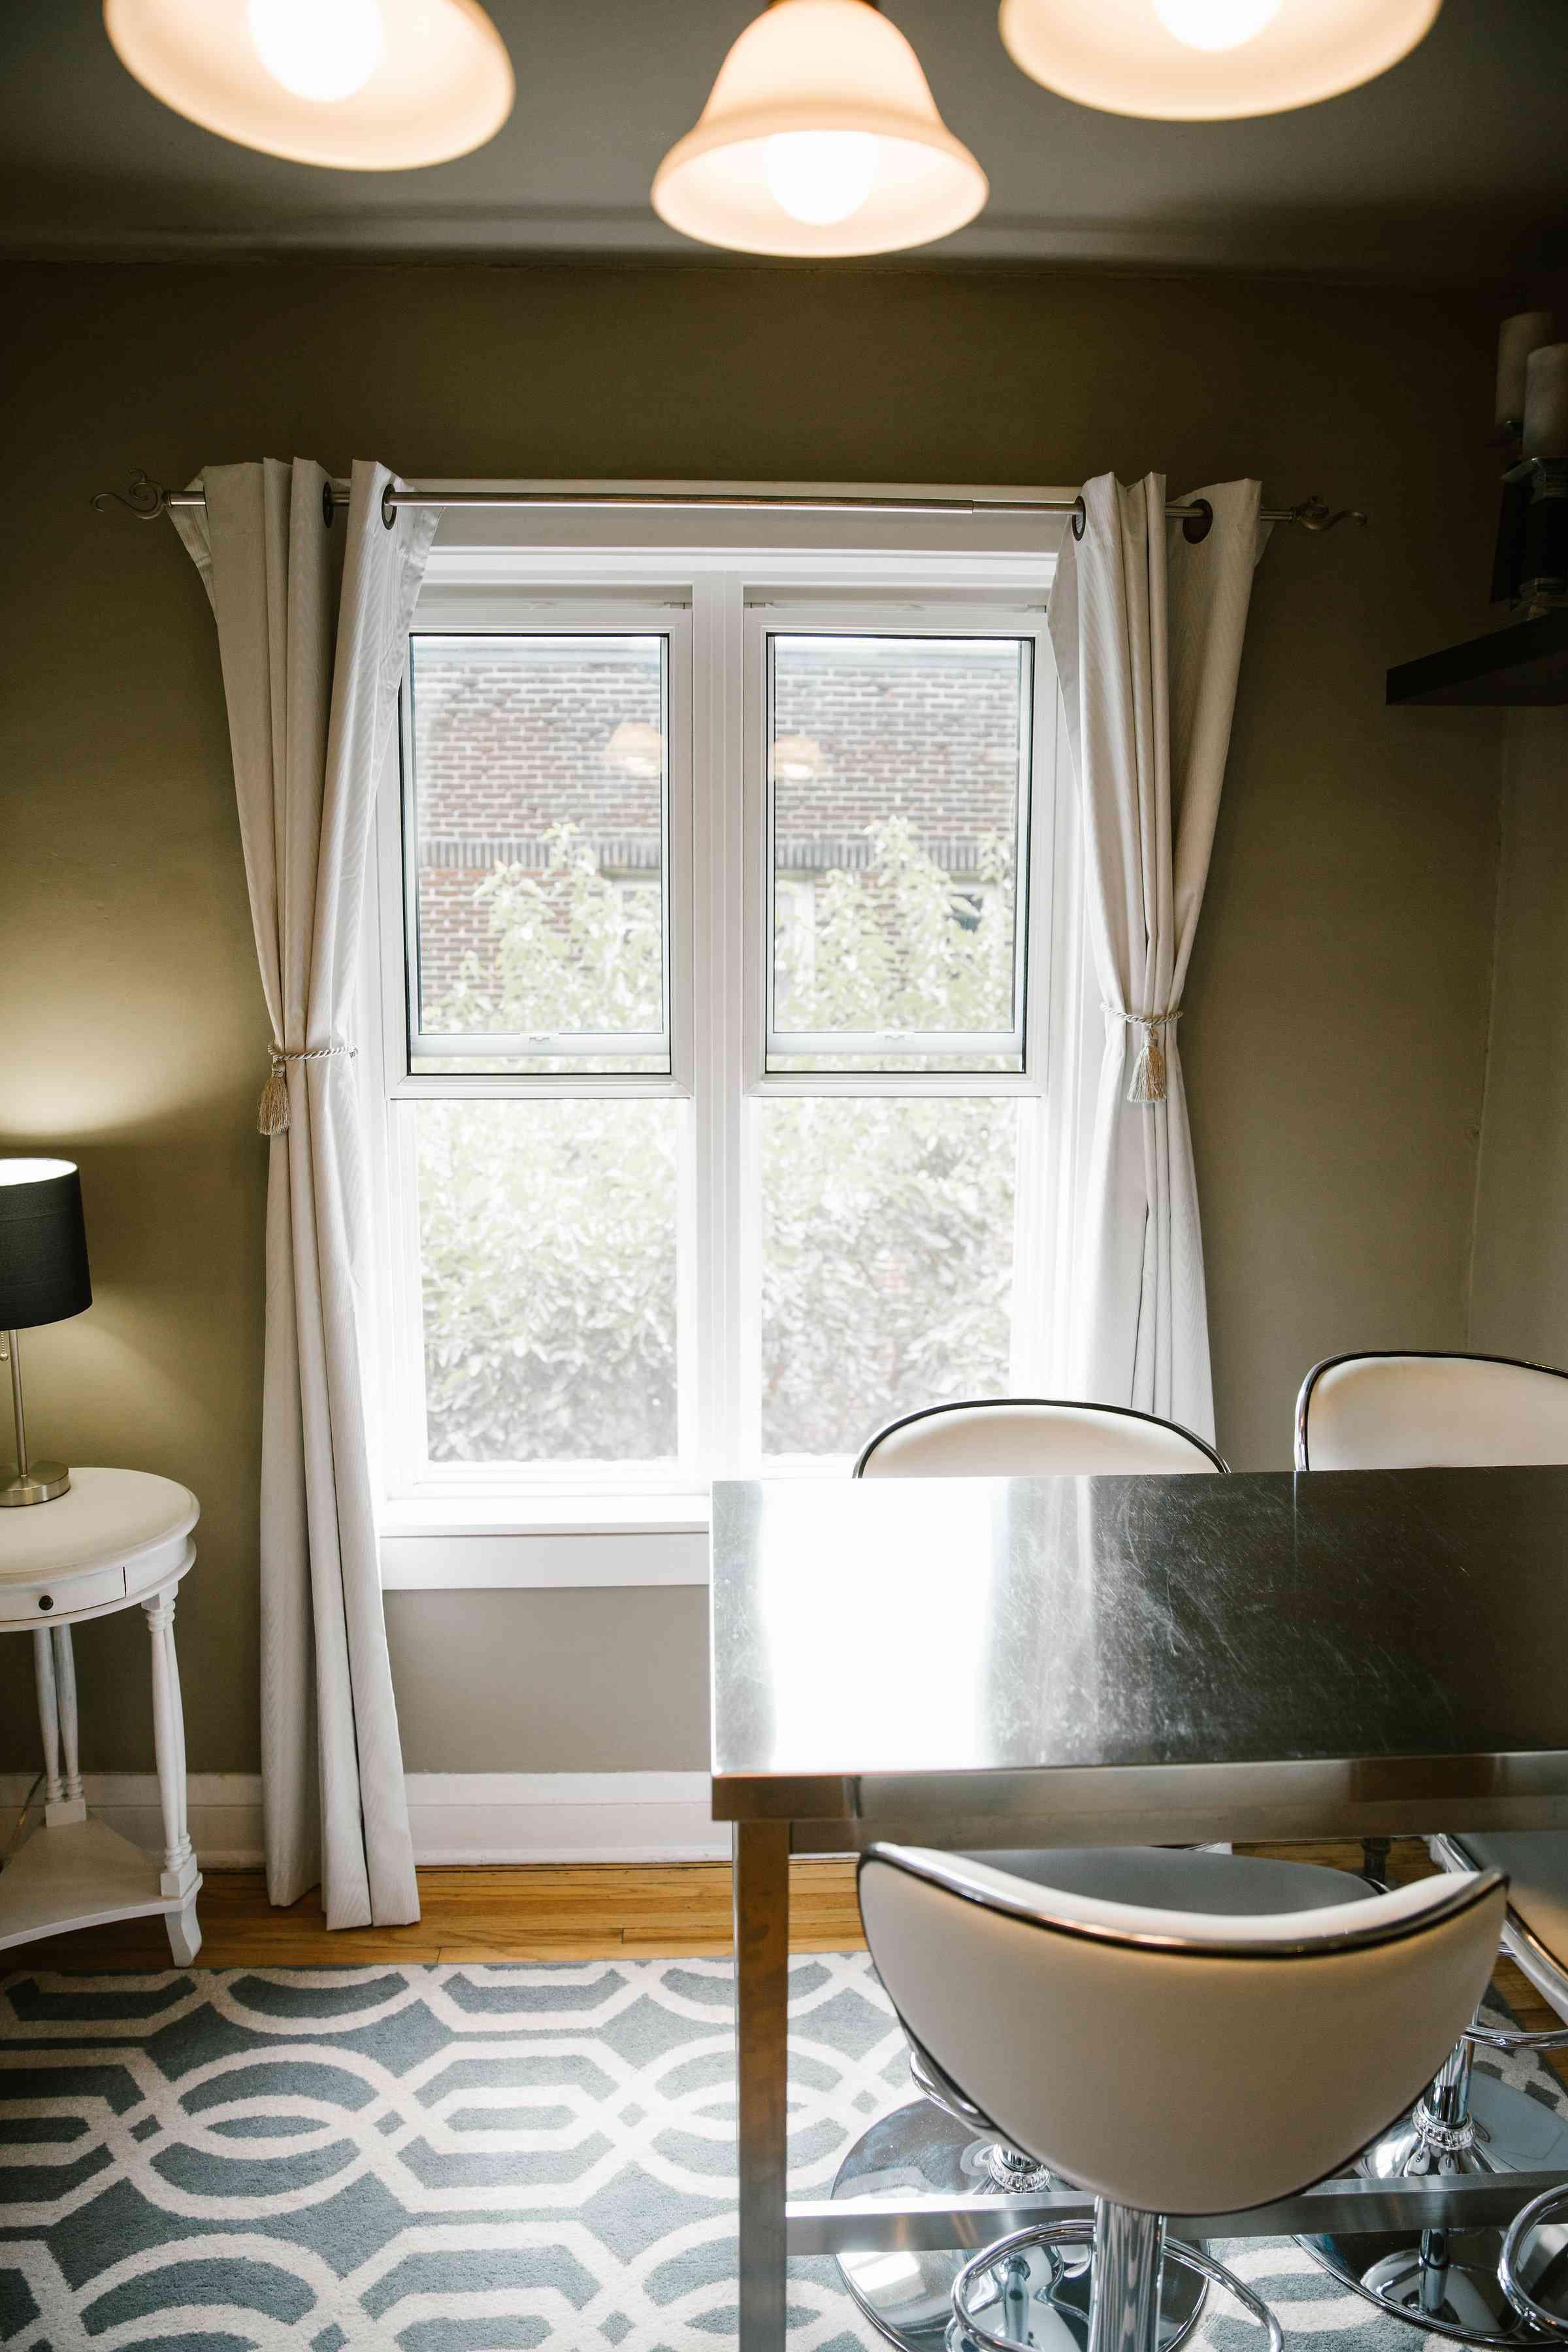 New Windows in Condo Rental